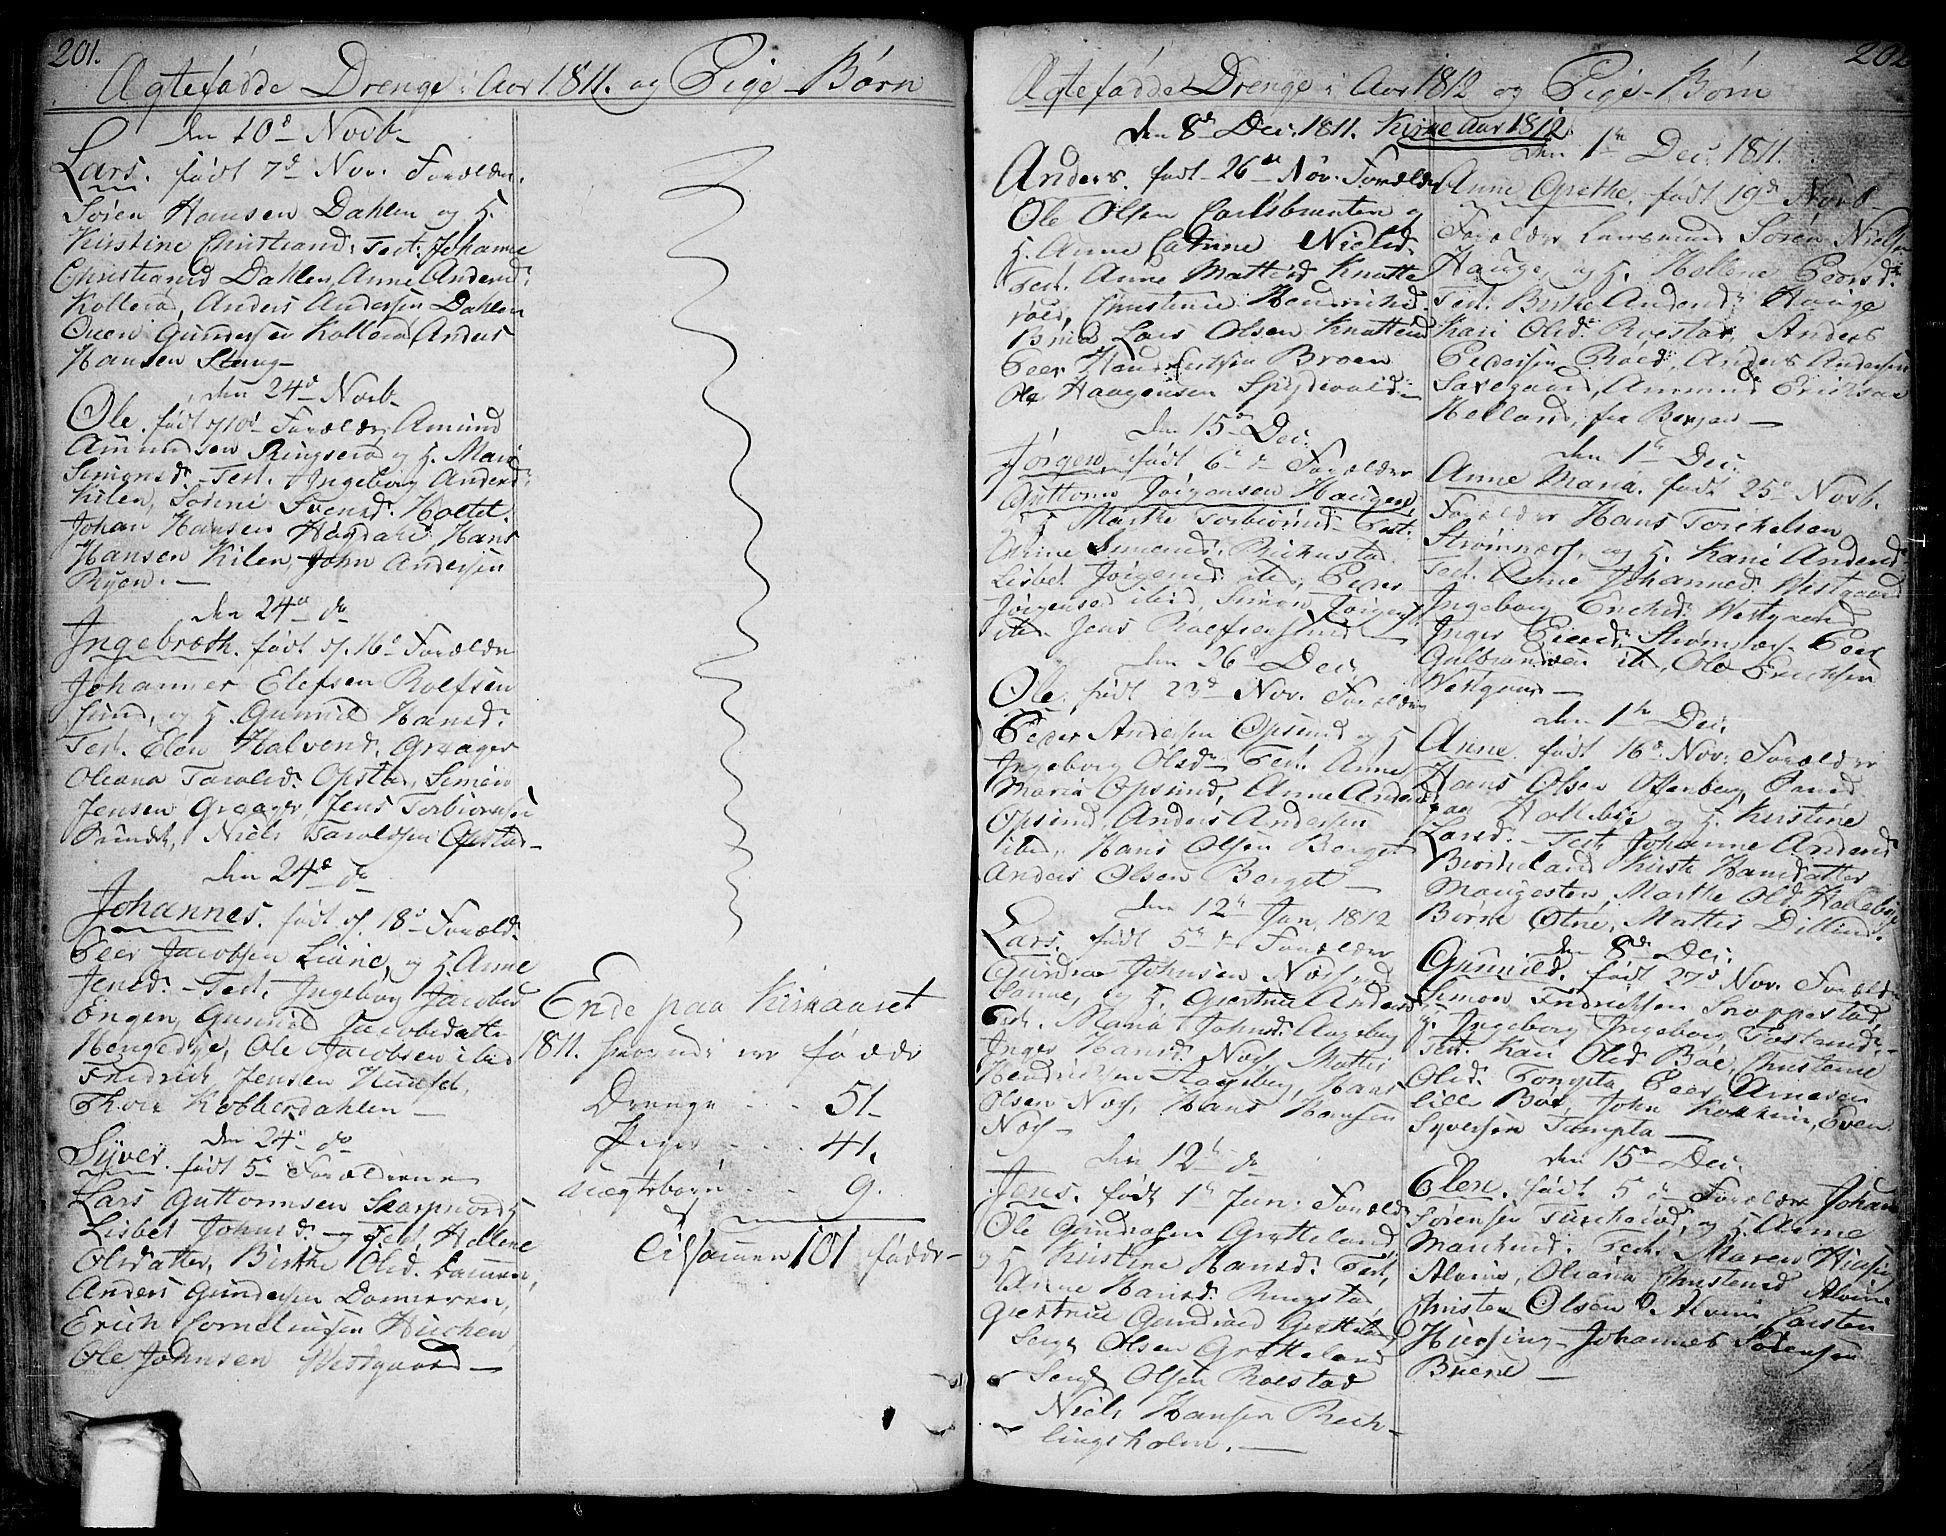 SAO, Tune prestekontor Kirkebøker, F/Fa/L0004: Ministerialbok nr. 4, 1797-1815, s. 201-202